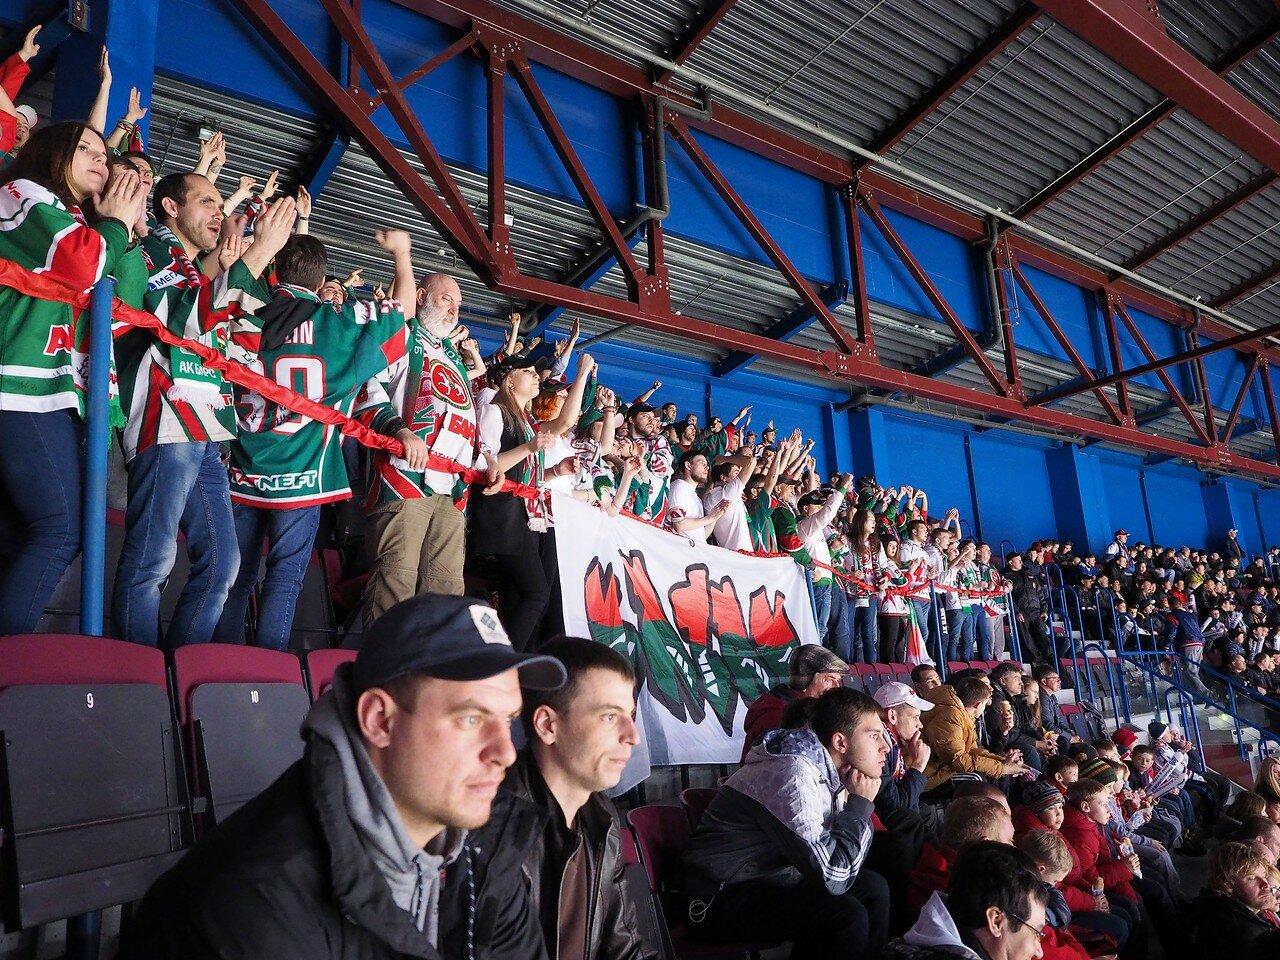 70 Первая игра финала плей-офф восточной конференции 2017 Металлург - АкБарс 24.03.2017